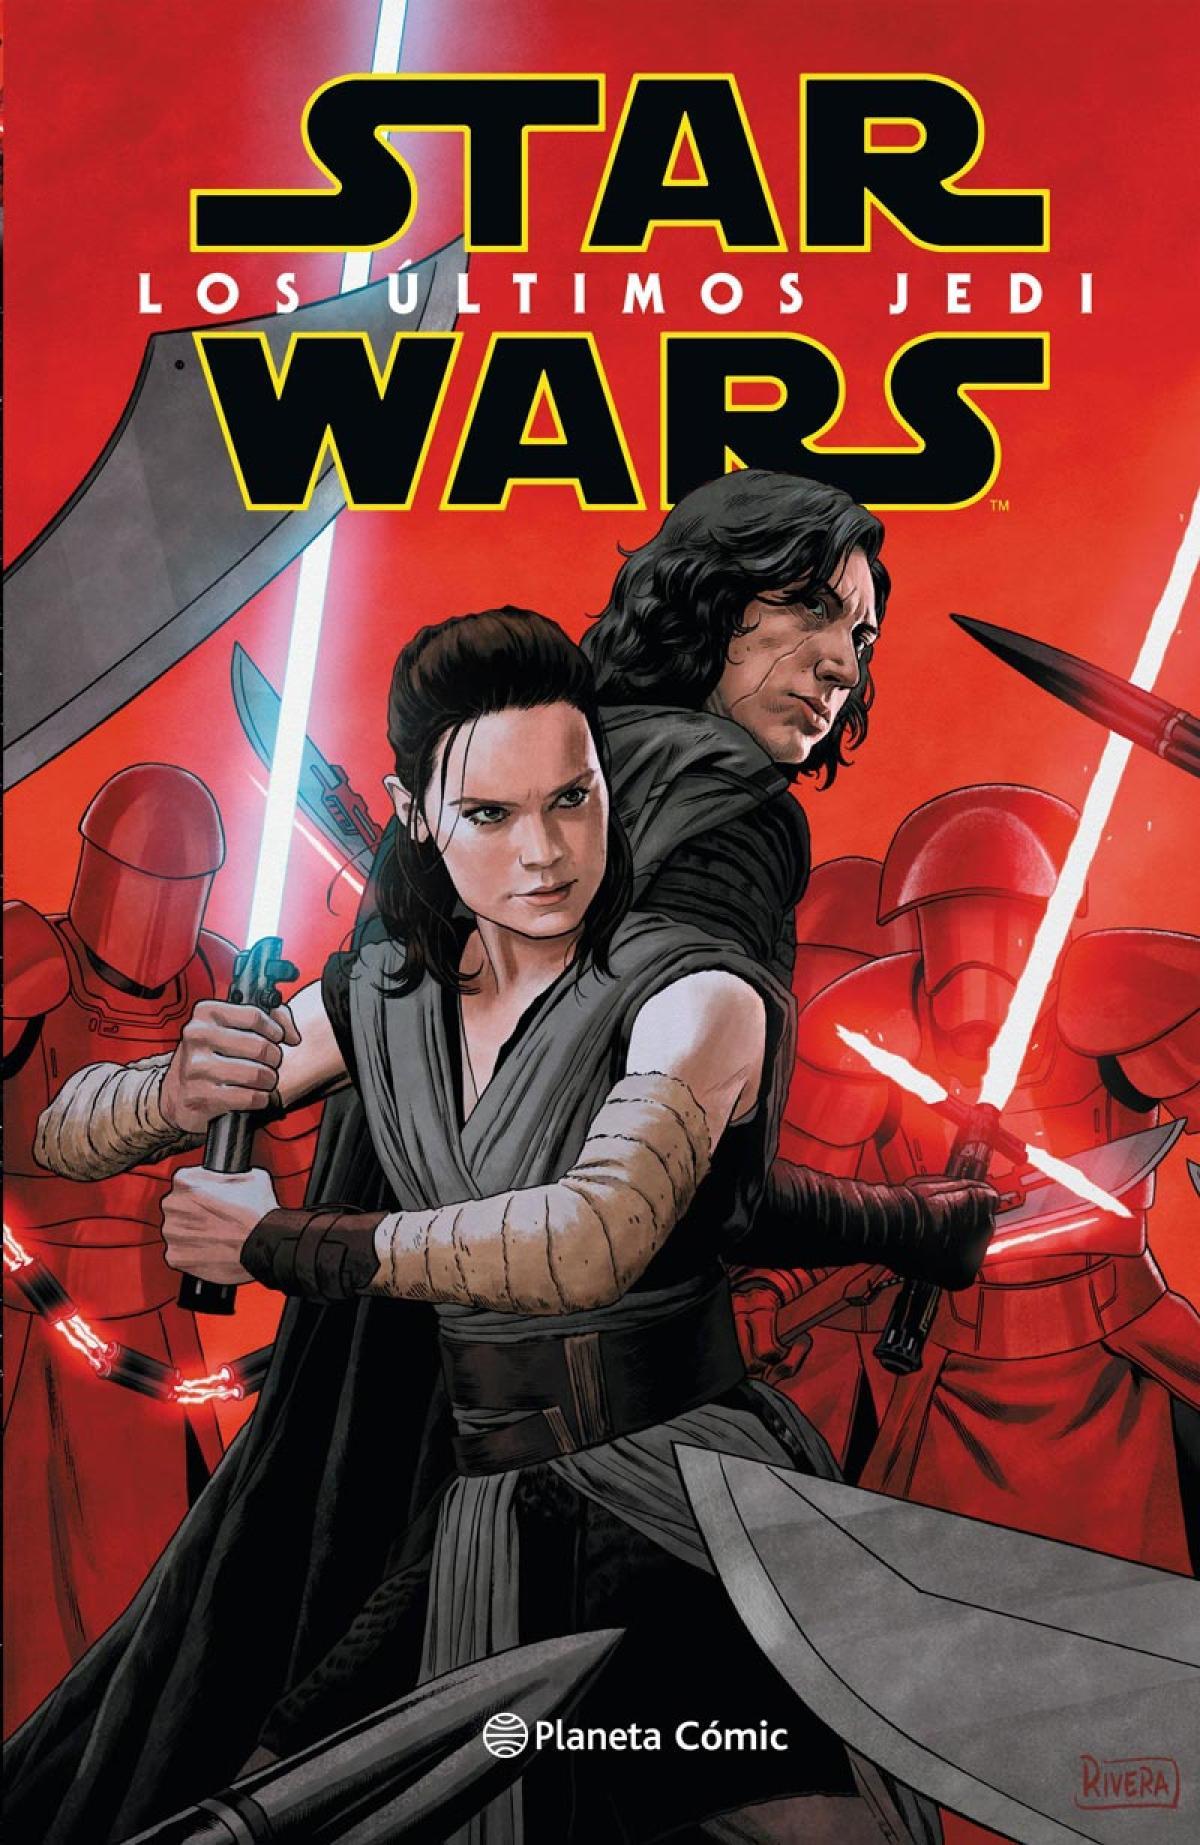 Reseña de Star Wars: Los últimos Jedi - El cómic de la película - HobbyConsolas Entretenimiento